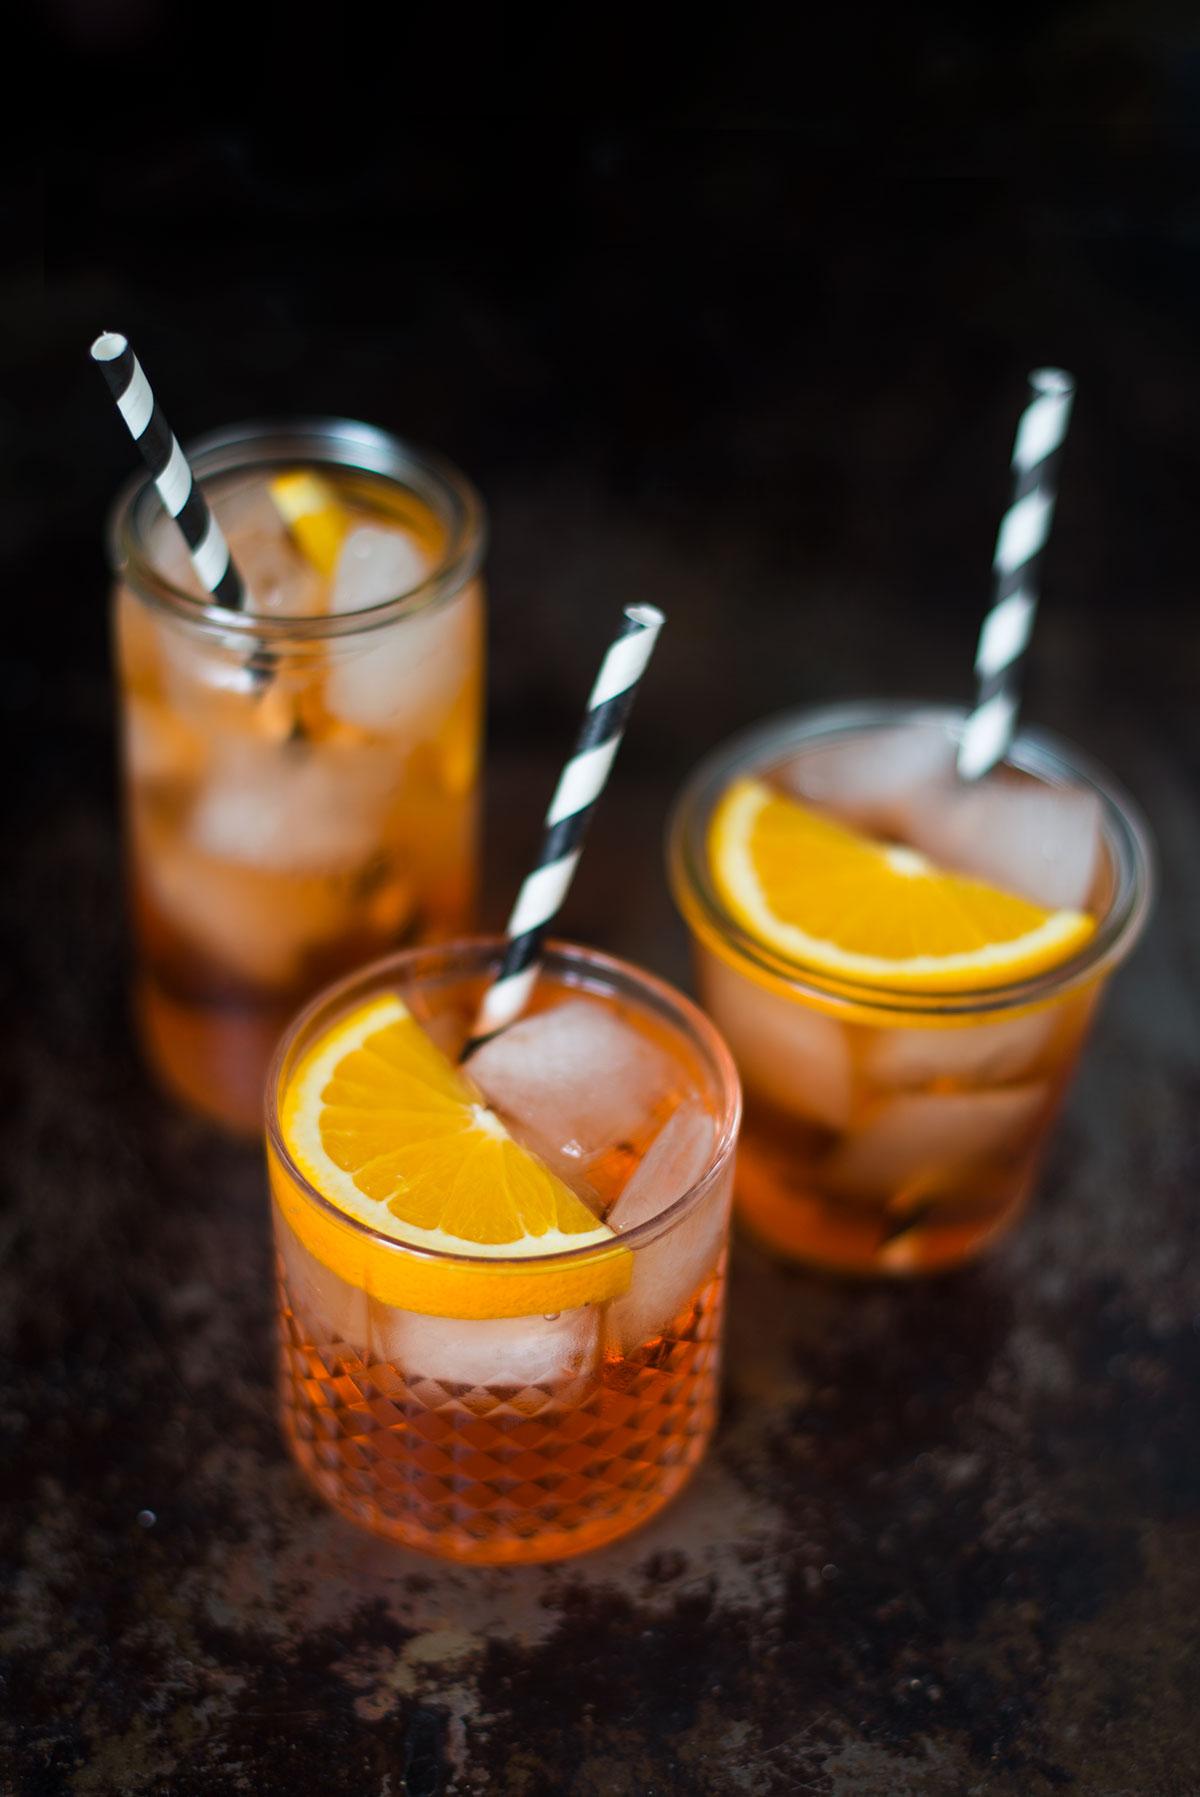 lav din egen aperol spritz l kker og nem opskrift